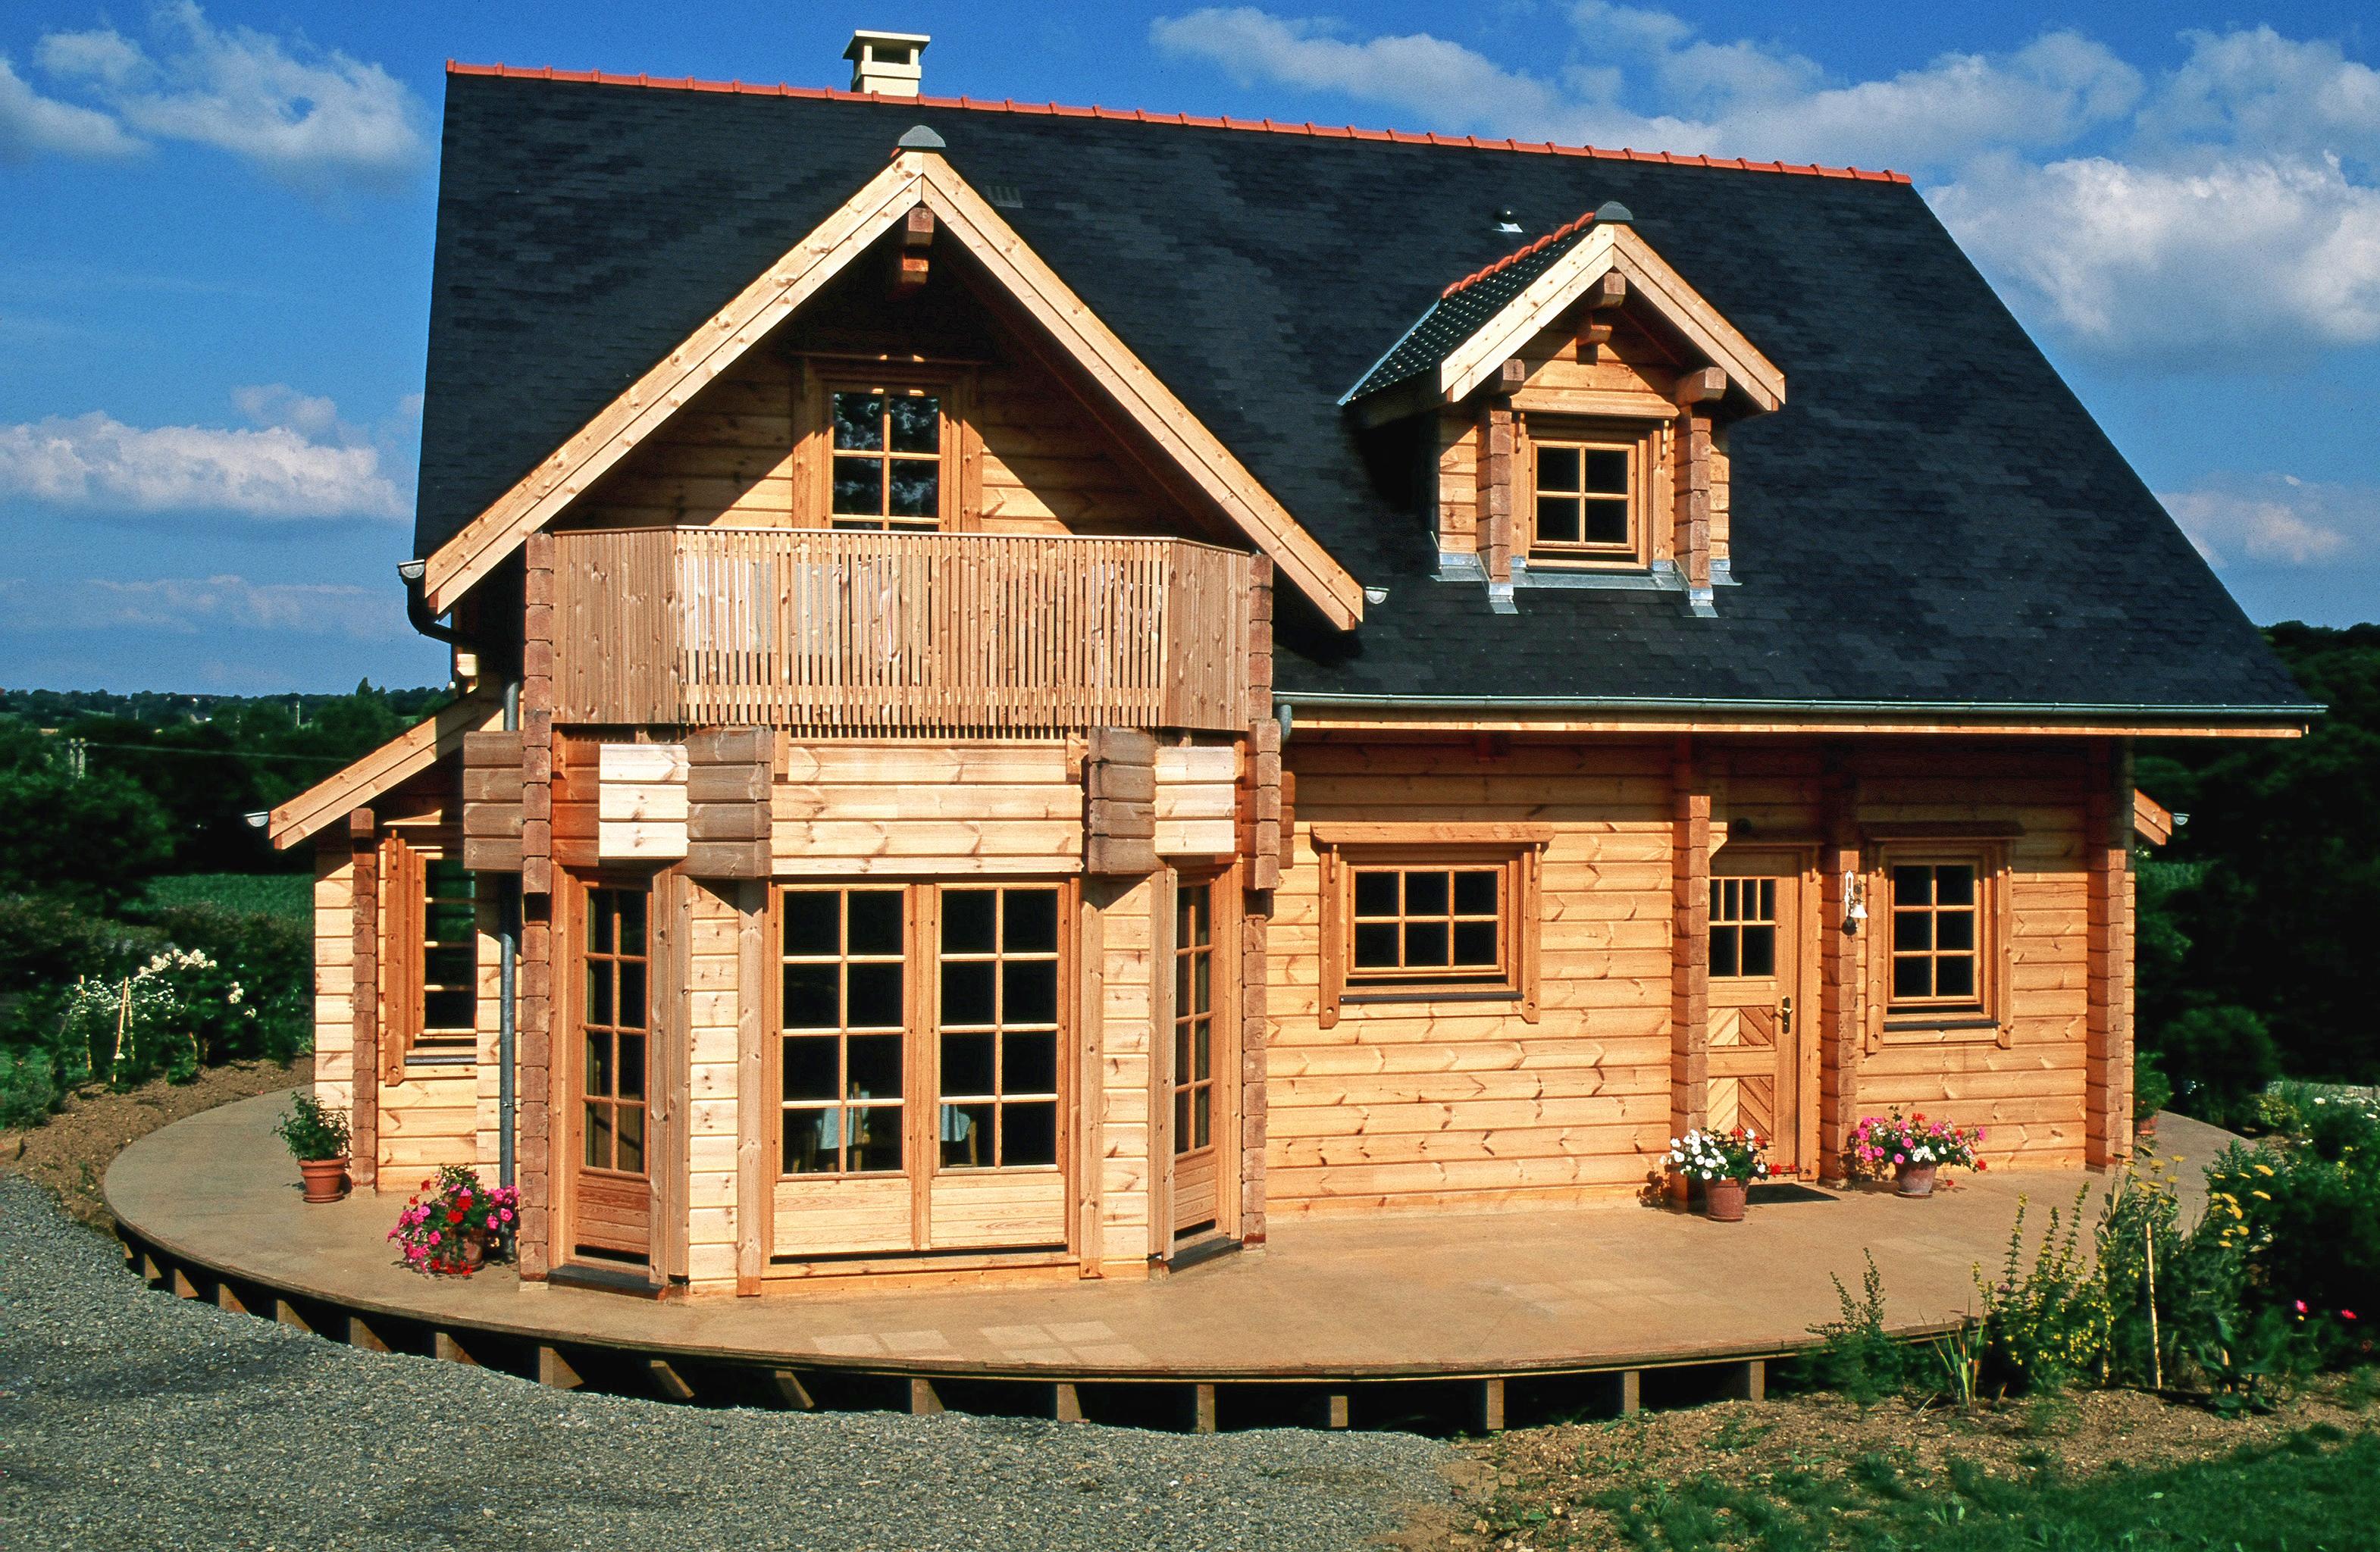 Comment et pourquoi faire une maison basse consommation le webzine de l - Comment cambrioler une maison ...